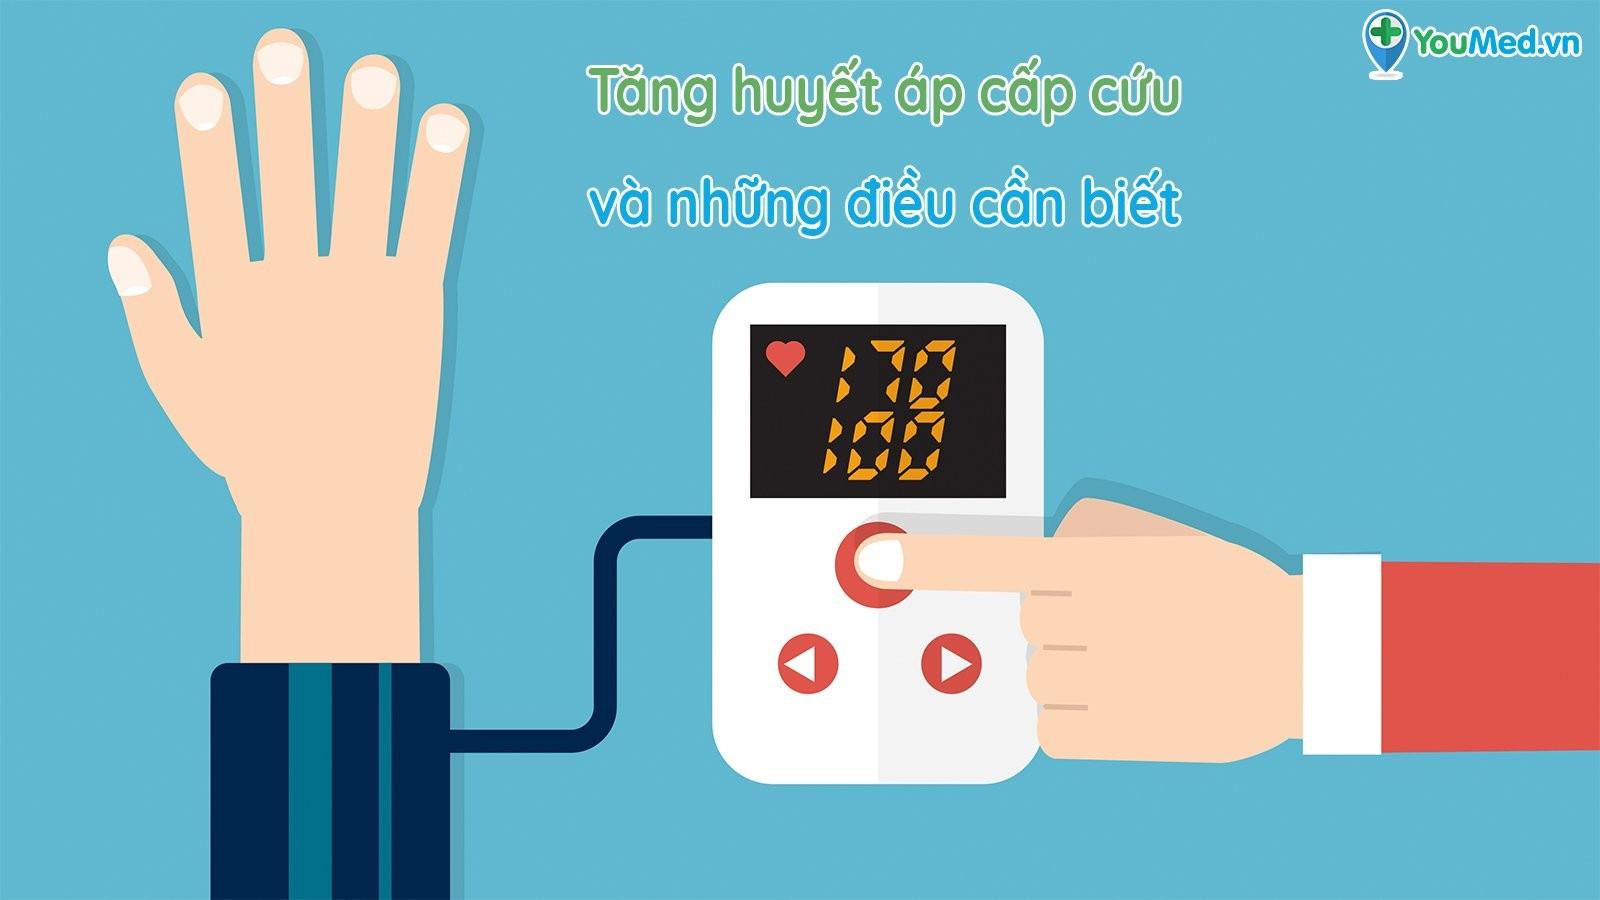 Tăng huyết áp cấp cứu và những điều cần biết